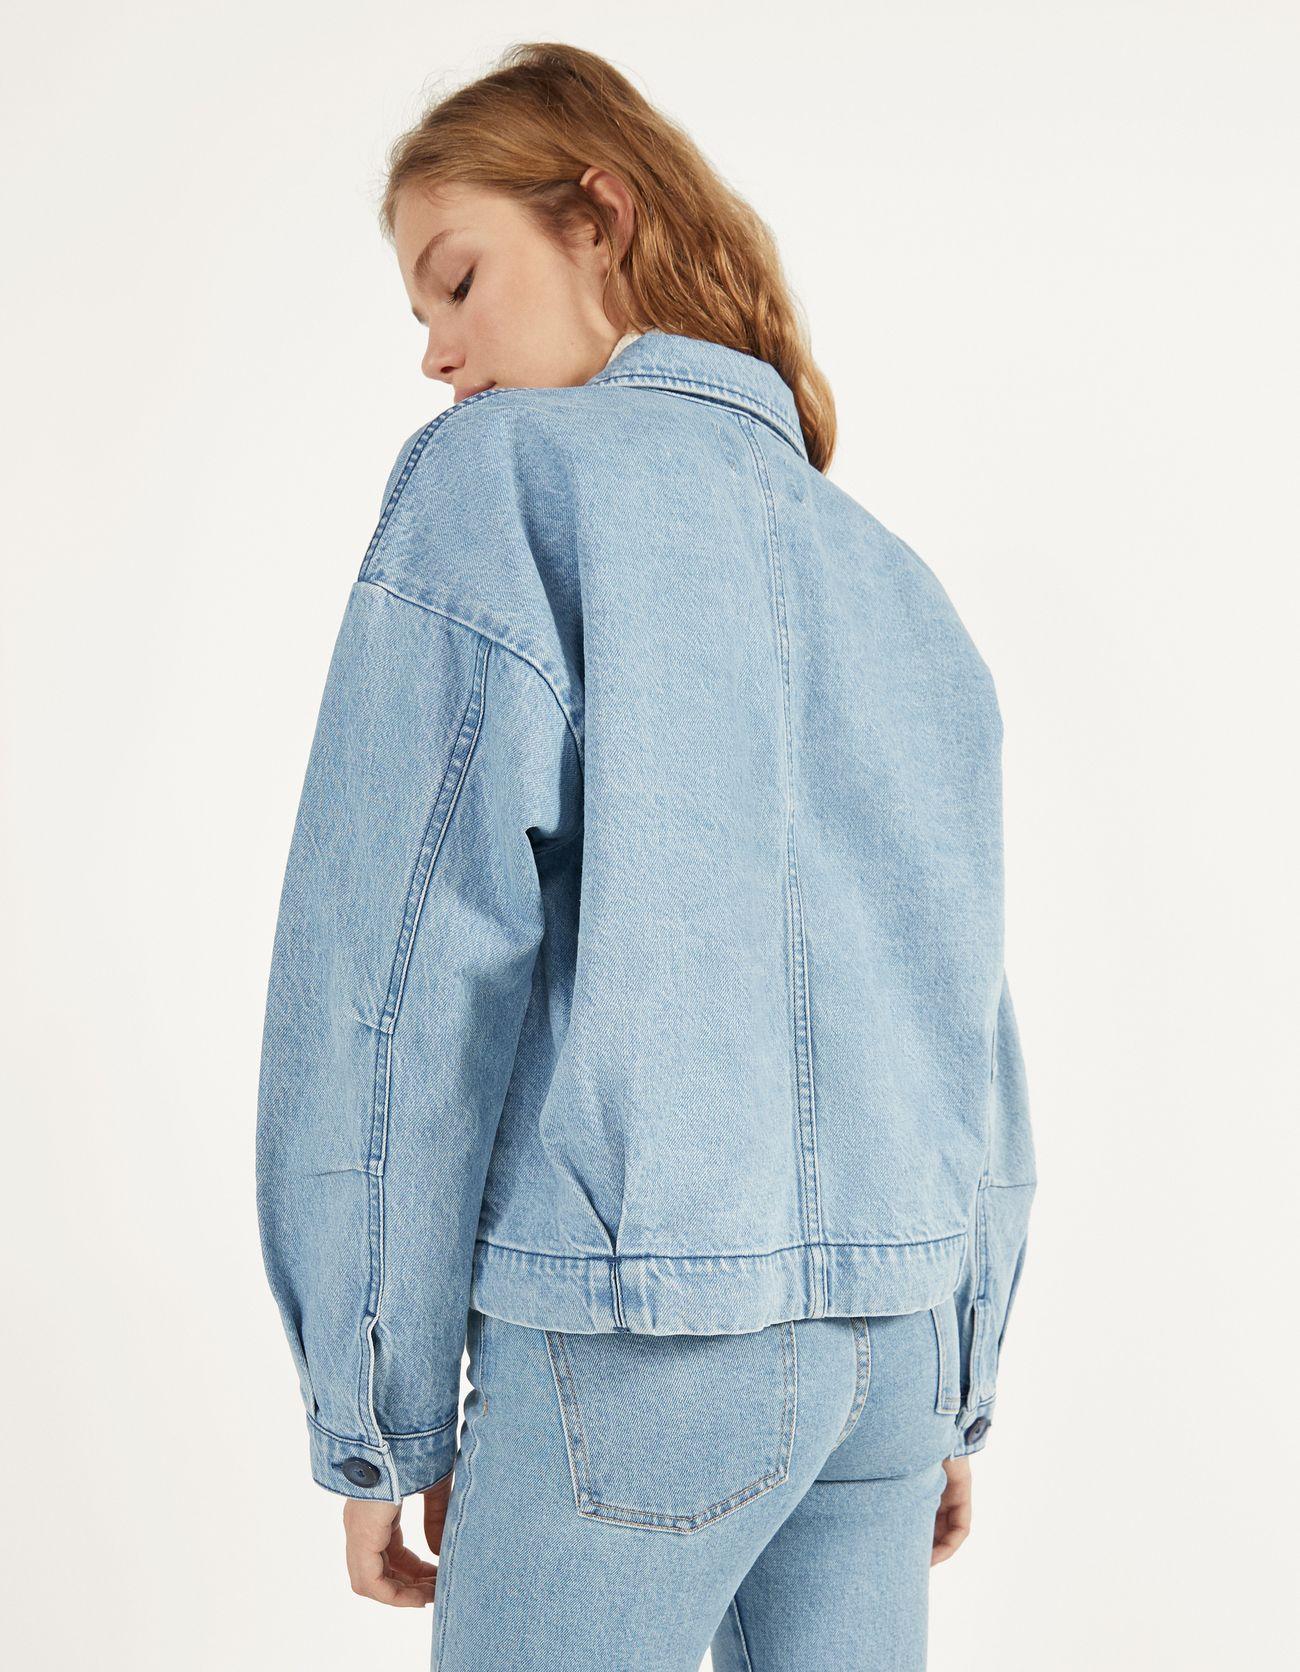 Джинсовая куртка с пуговицами Синий застиранный Bershka